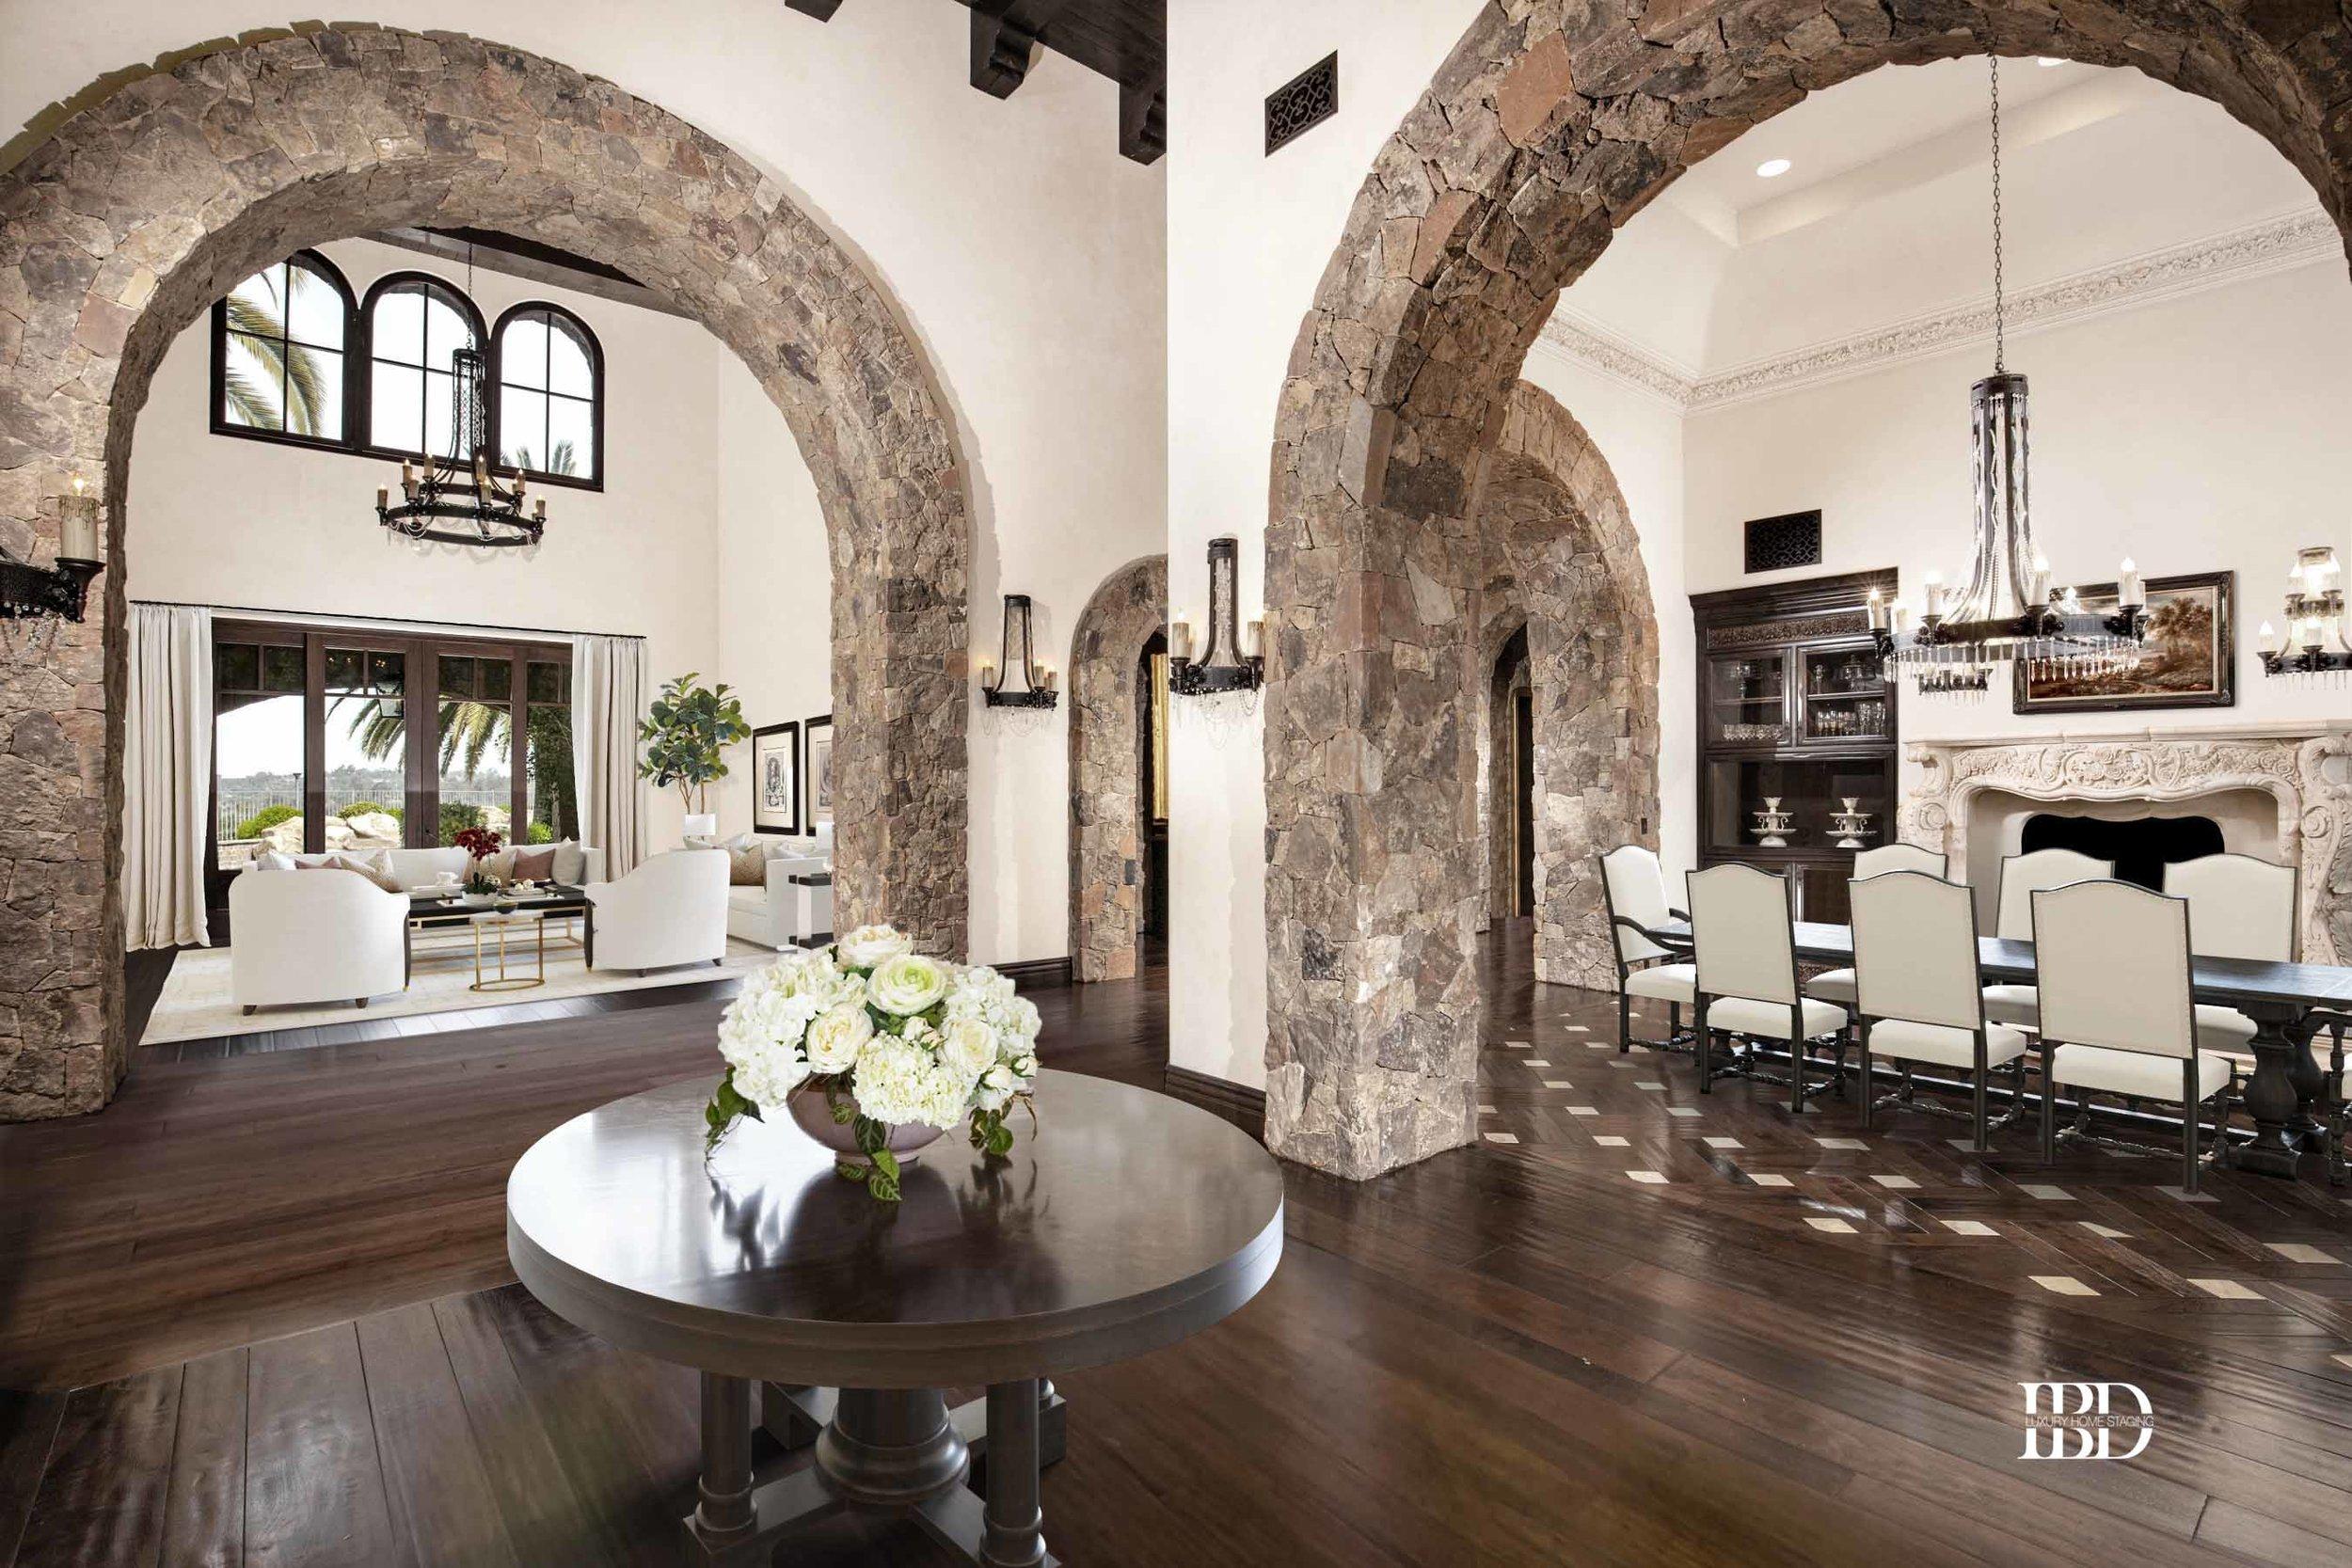 4880 Rancho Del Mar TrlSan Diego, CA 92130 - $13,559,000